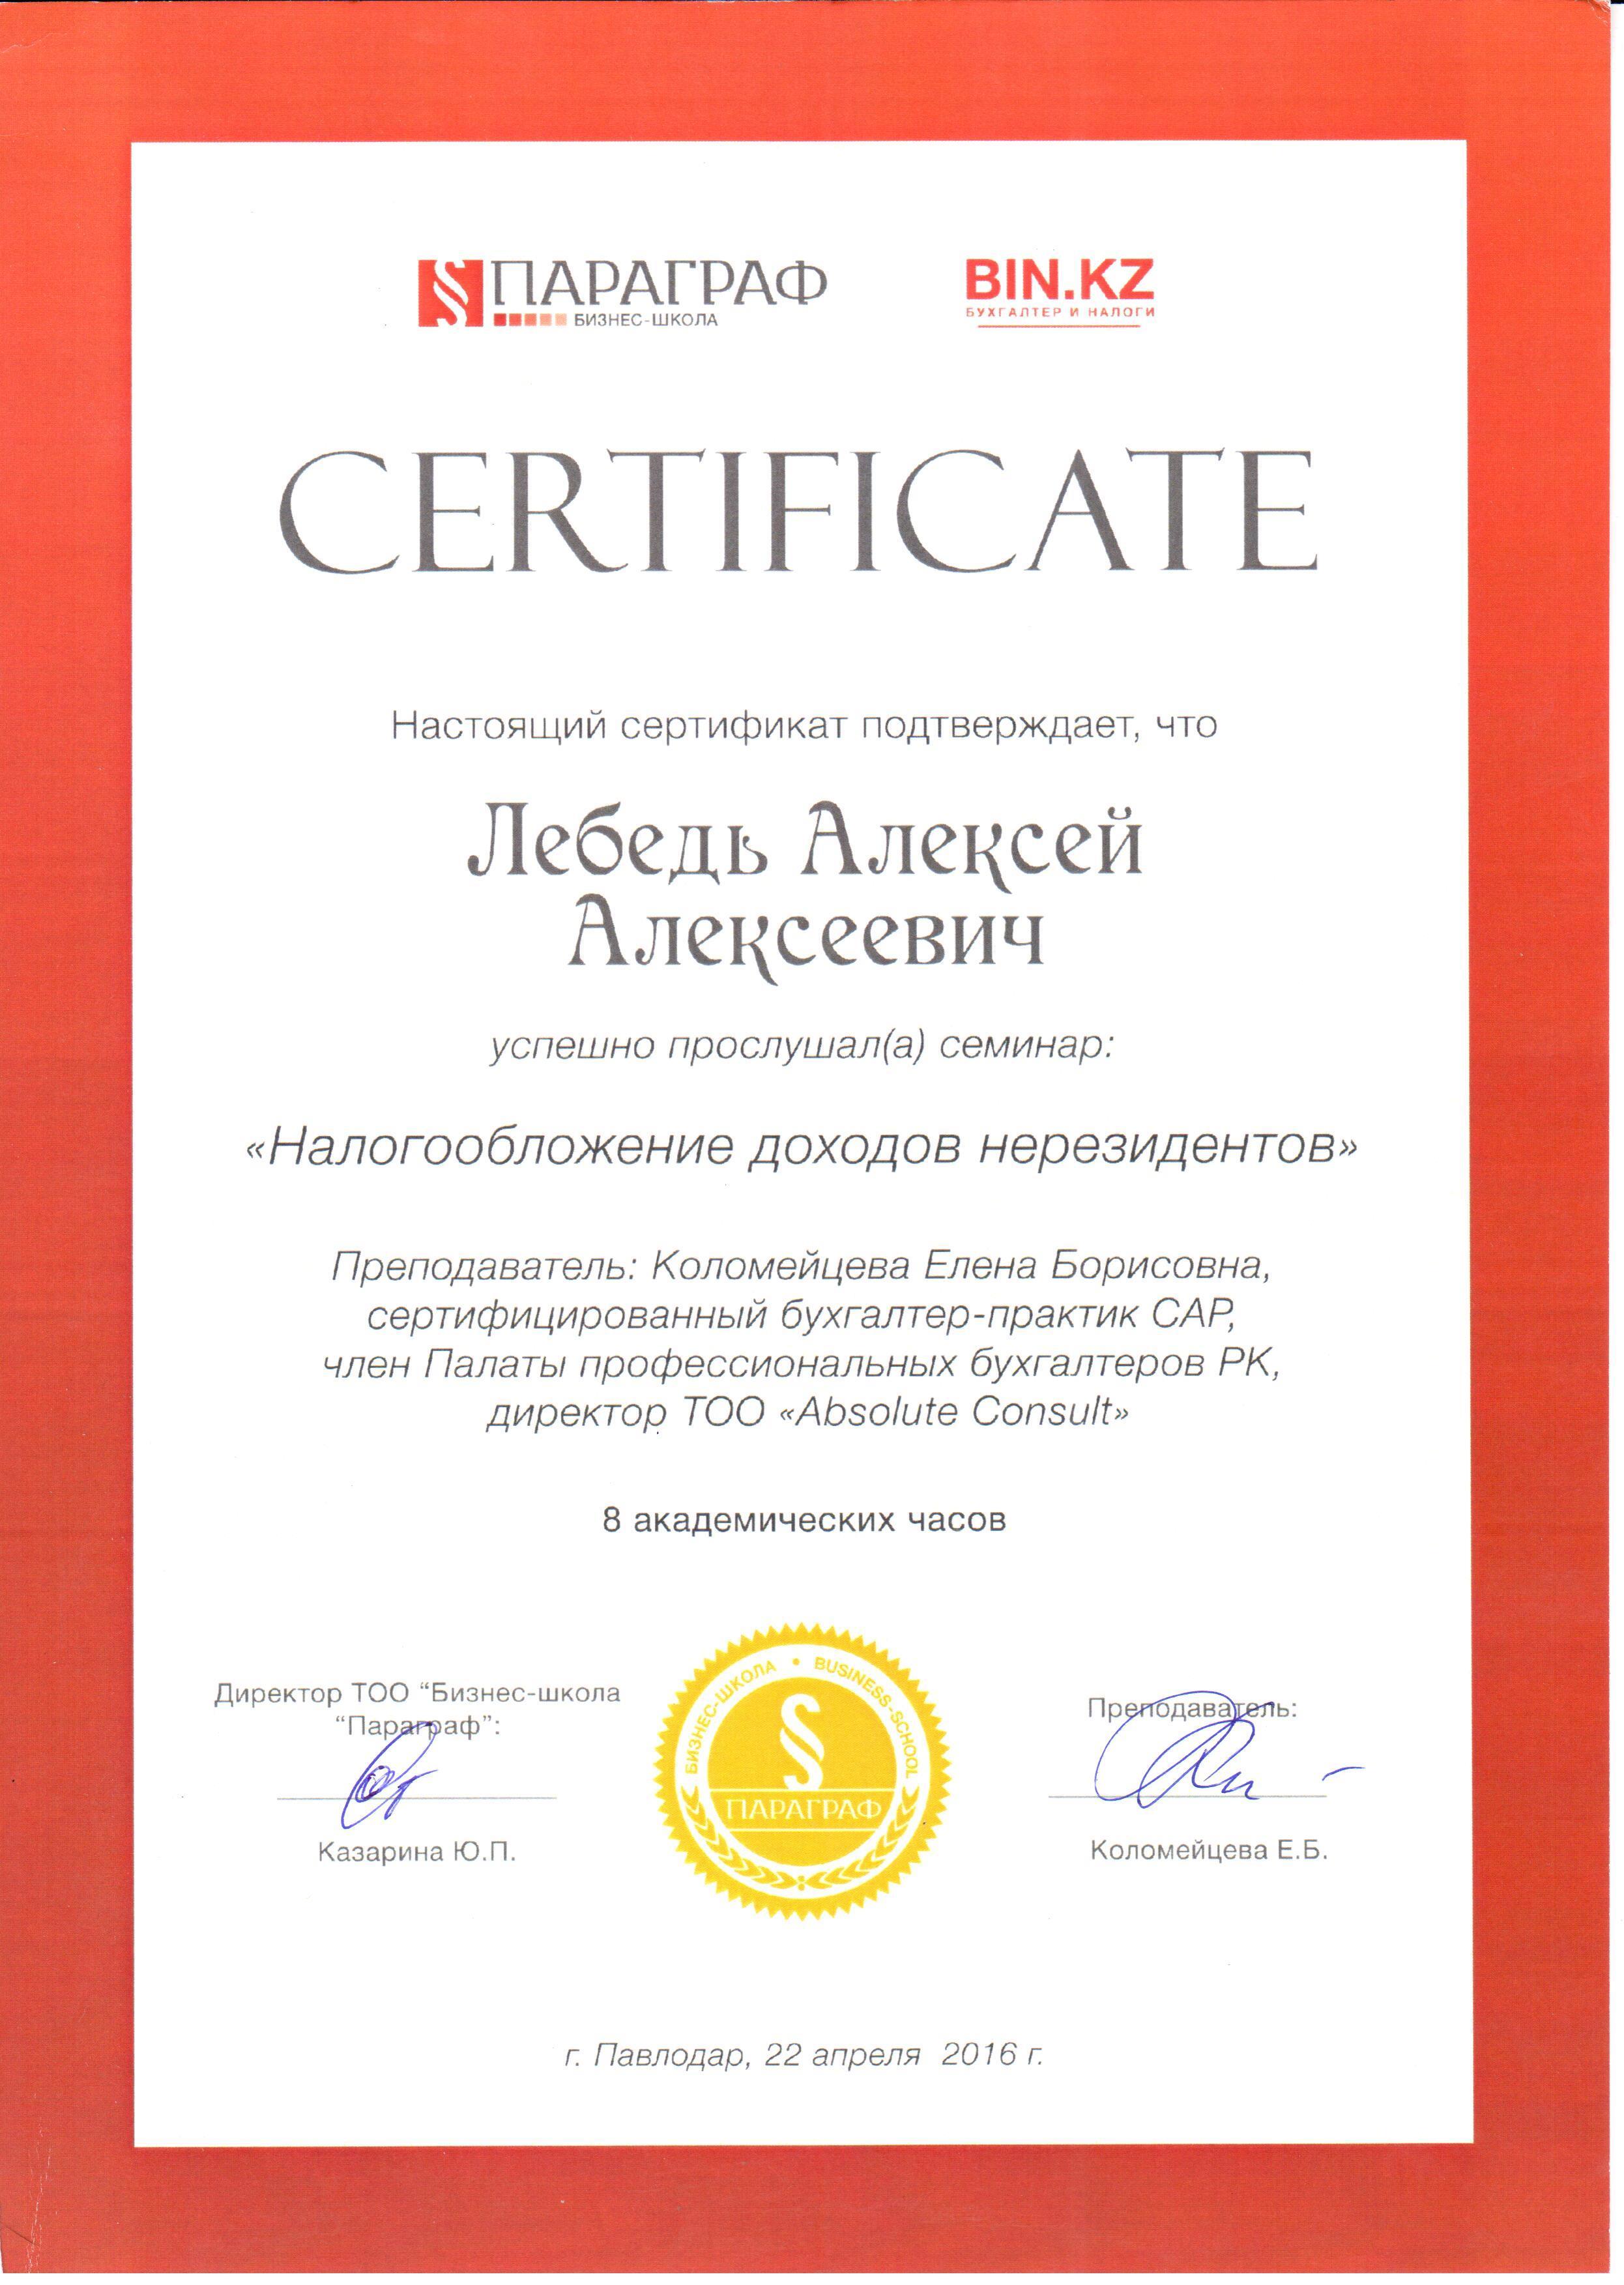 Сертификат Алексея Лебедь Налогообложение налогов нерезидентов